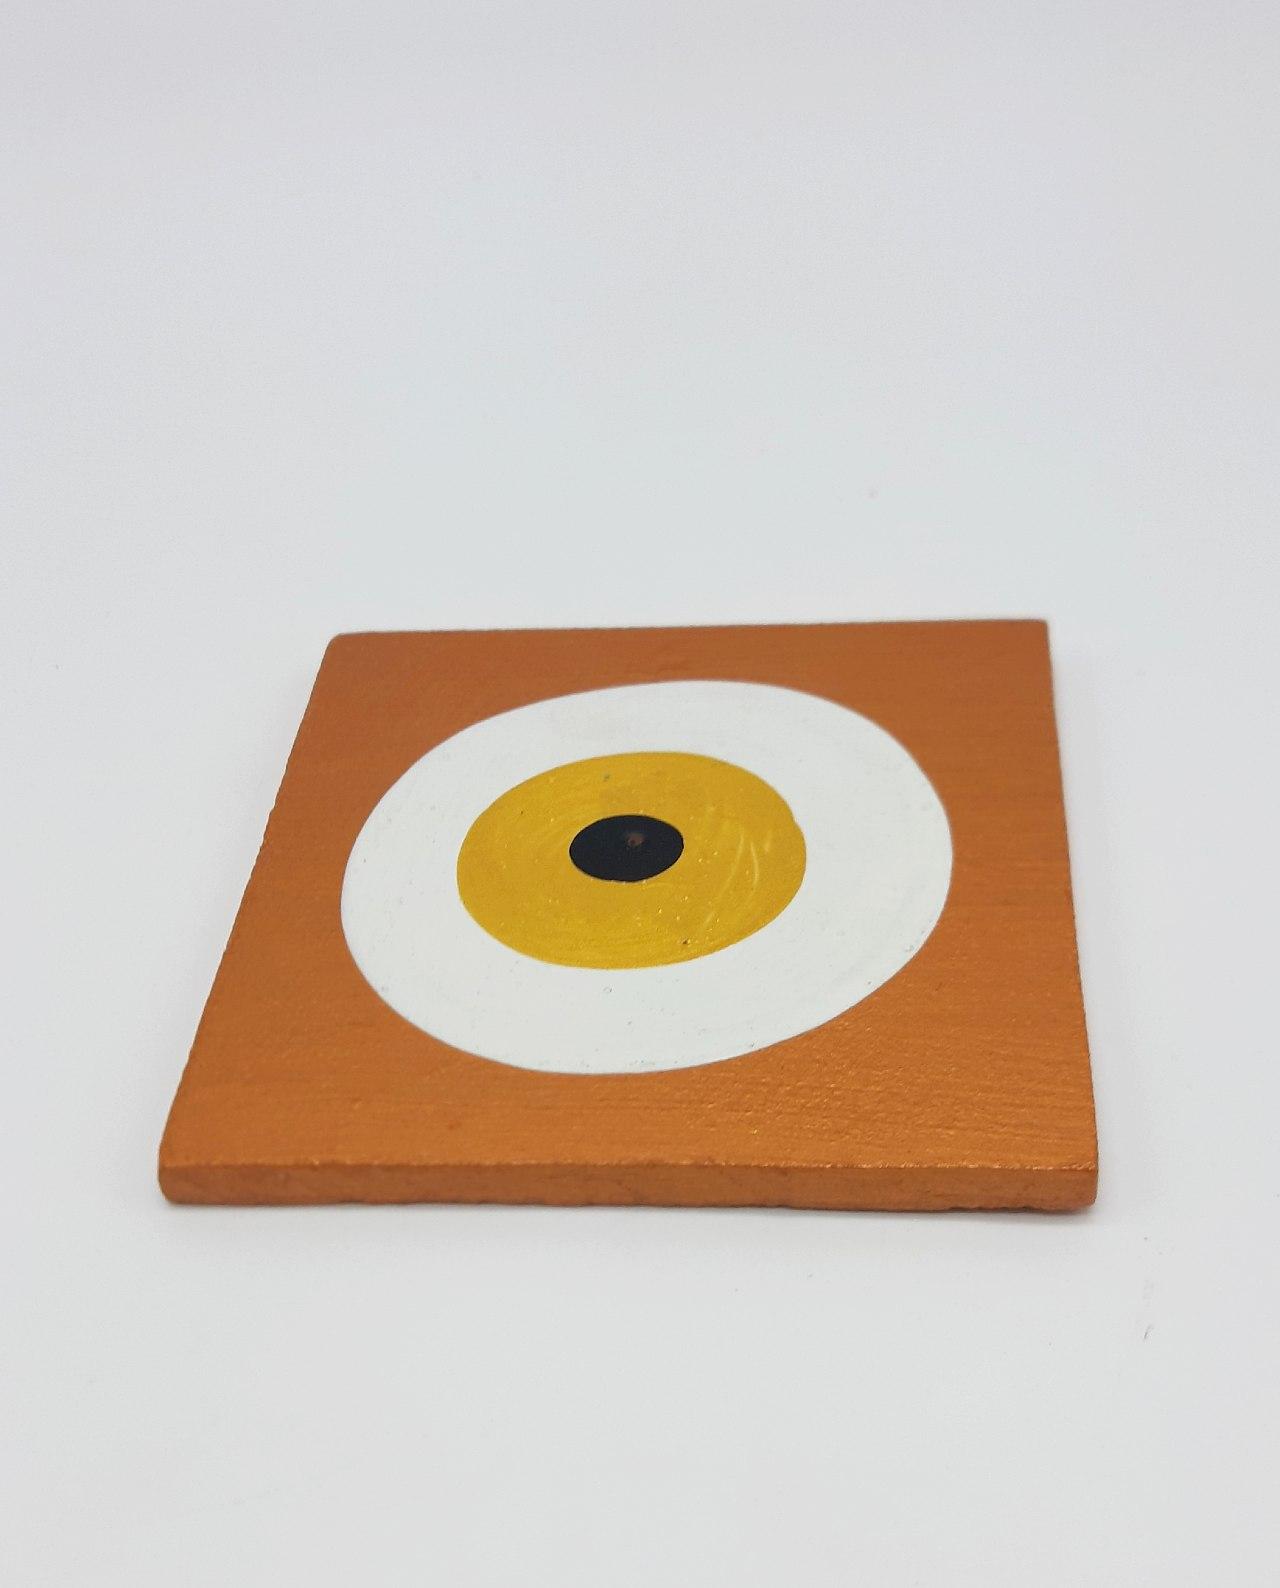 Σουβέρ Ματάκι Ξύλινο Χειροποίητο 9.5 cm x 9.5 cm χρώμα μπρονζε